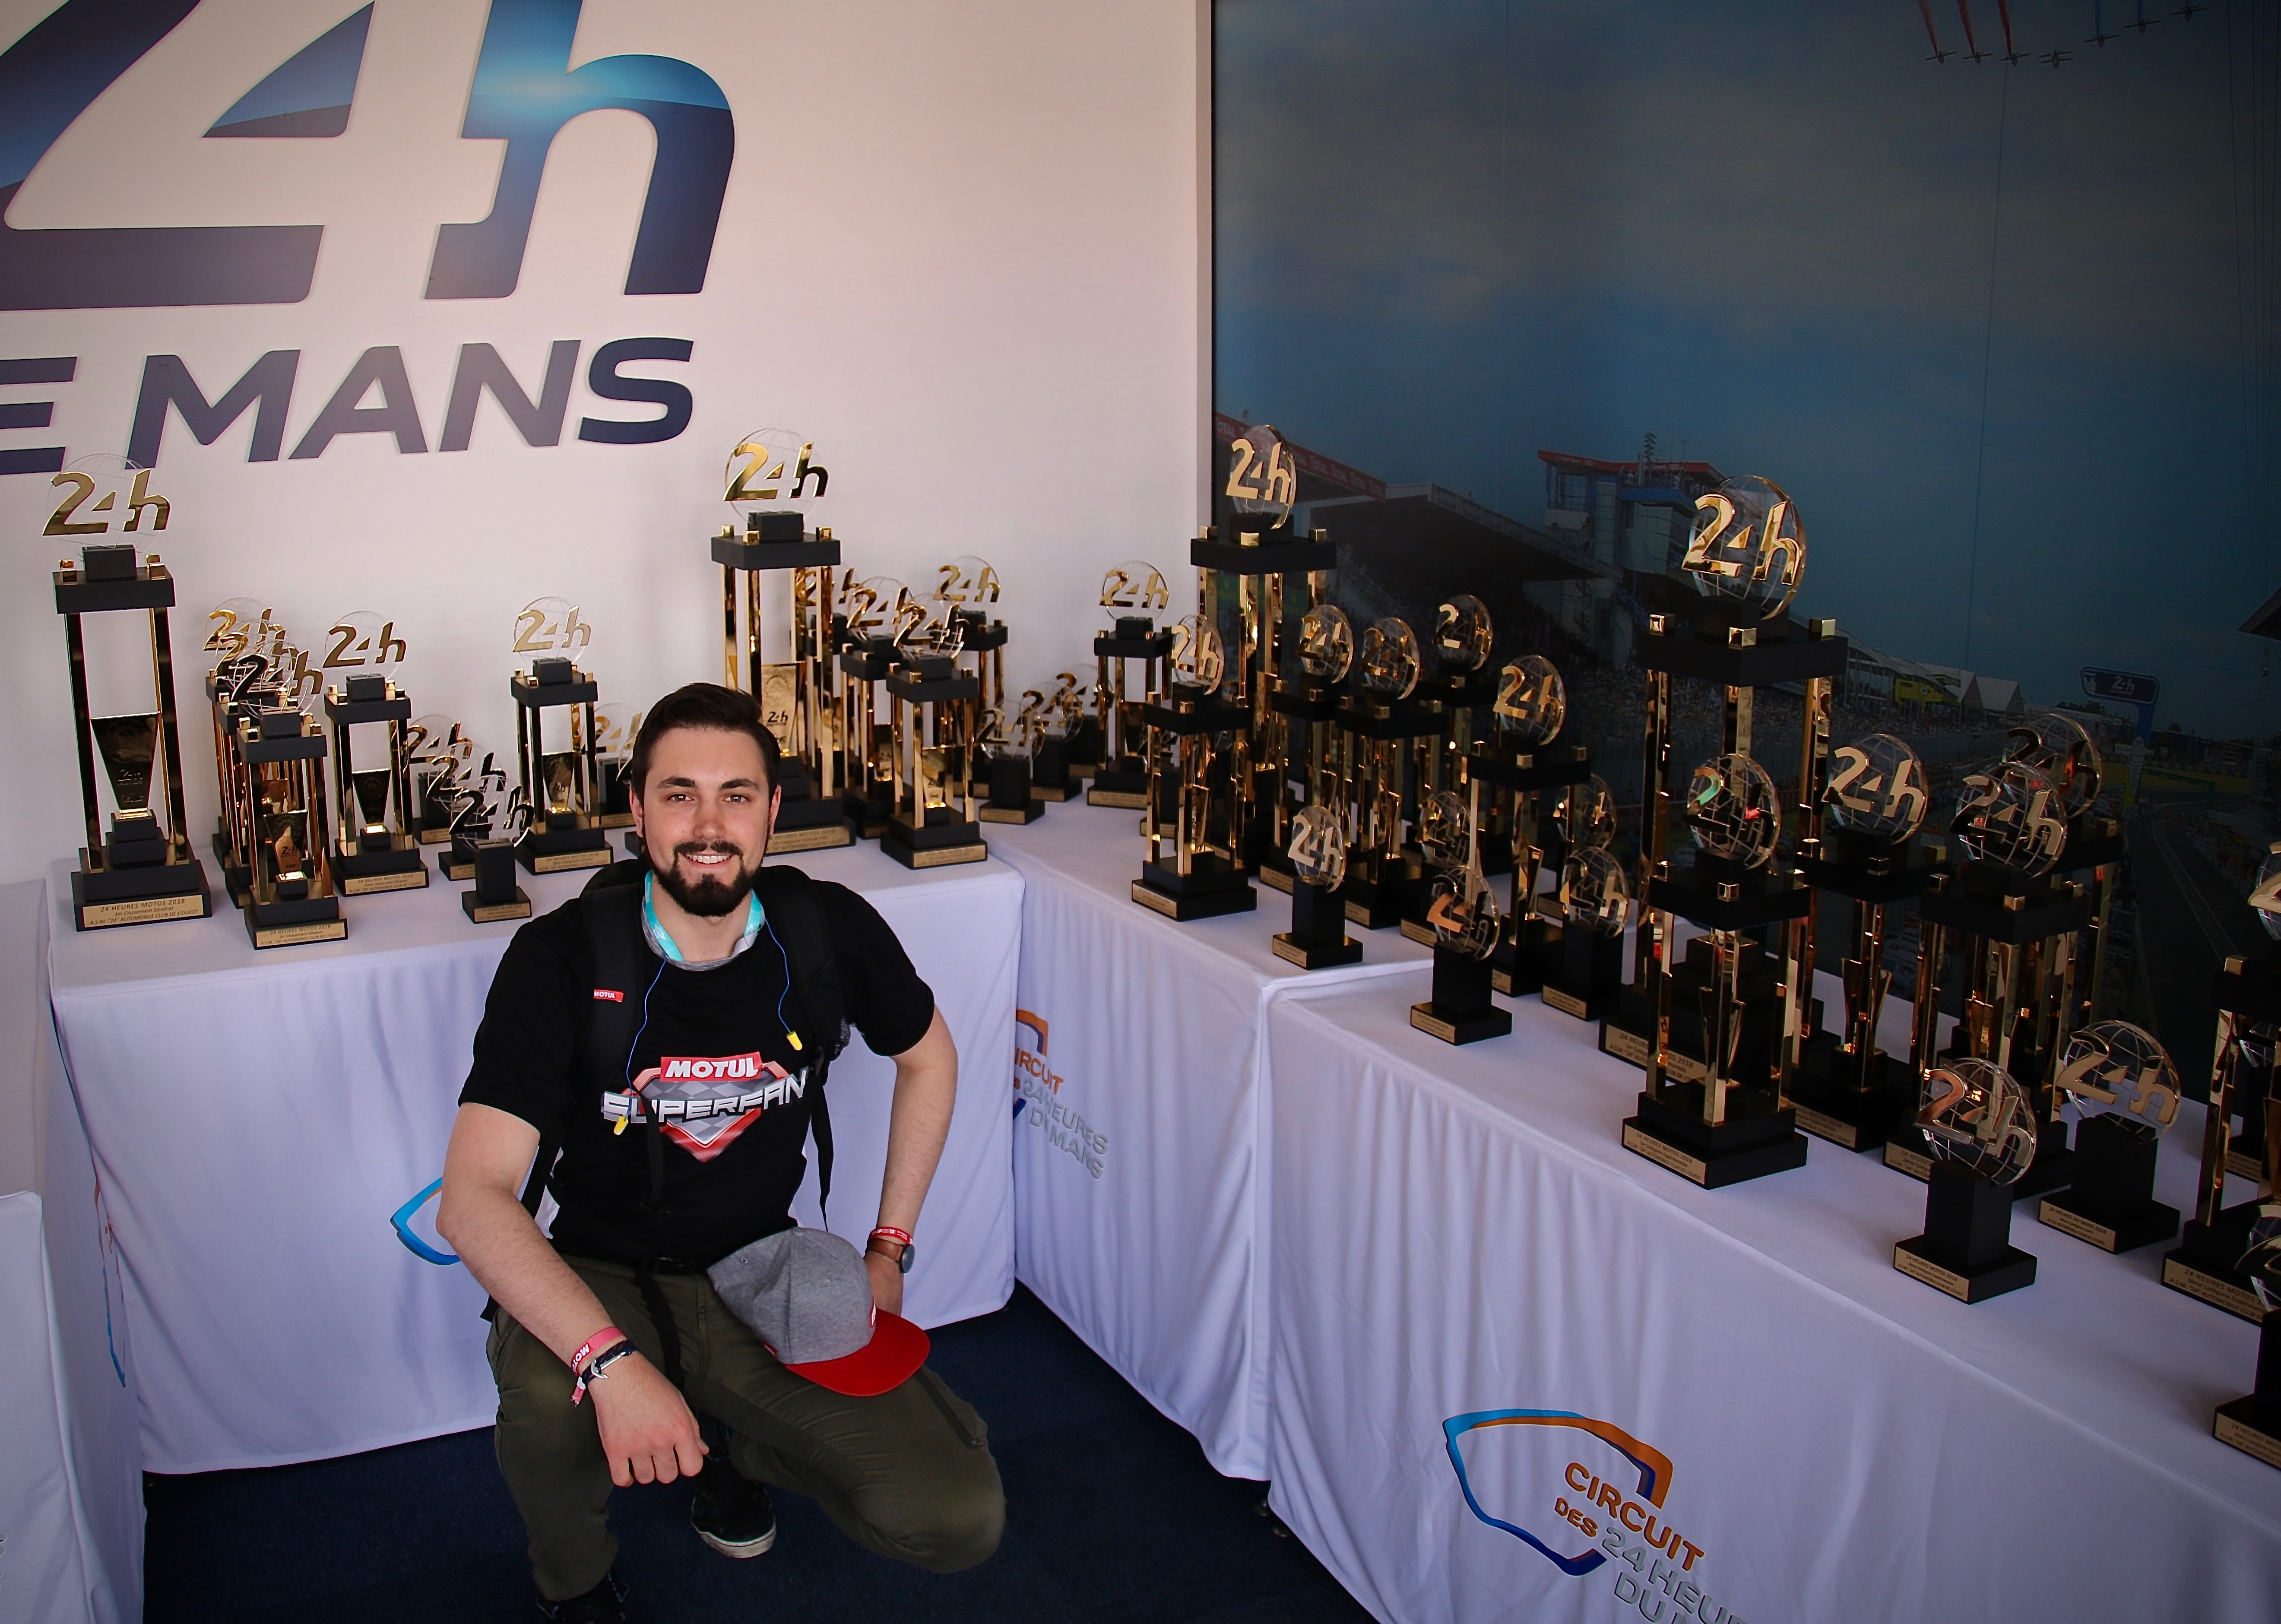 Pour la première fois au 24 Heures Moto, un MotulSuperFan a été invité pour l'événement. Robin Giella, un pilote amateur enthousiaste et passionné de sport mécanique l'a révélé !